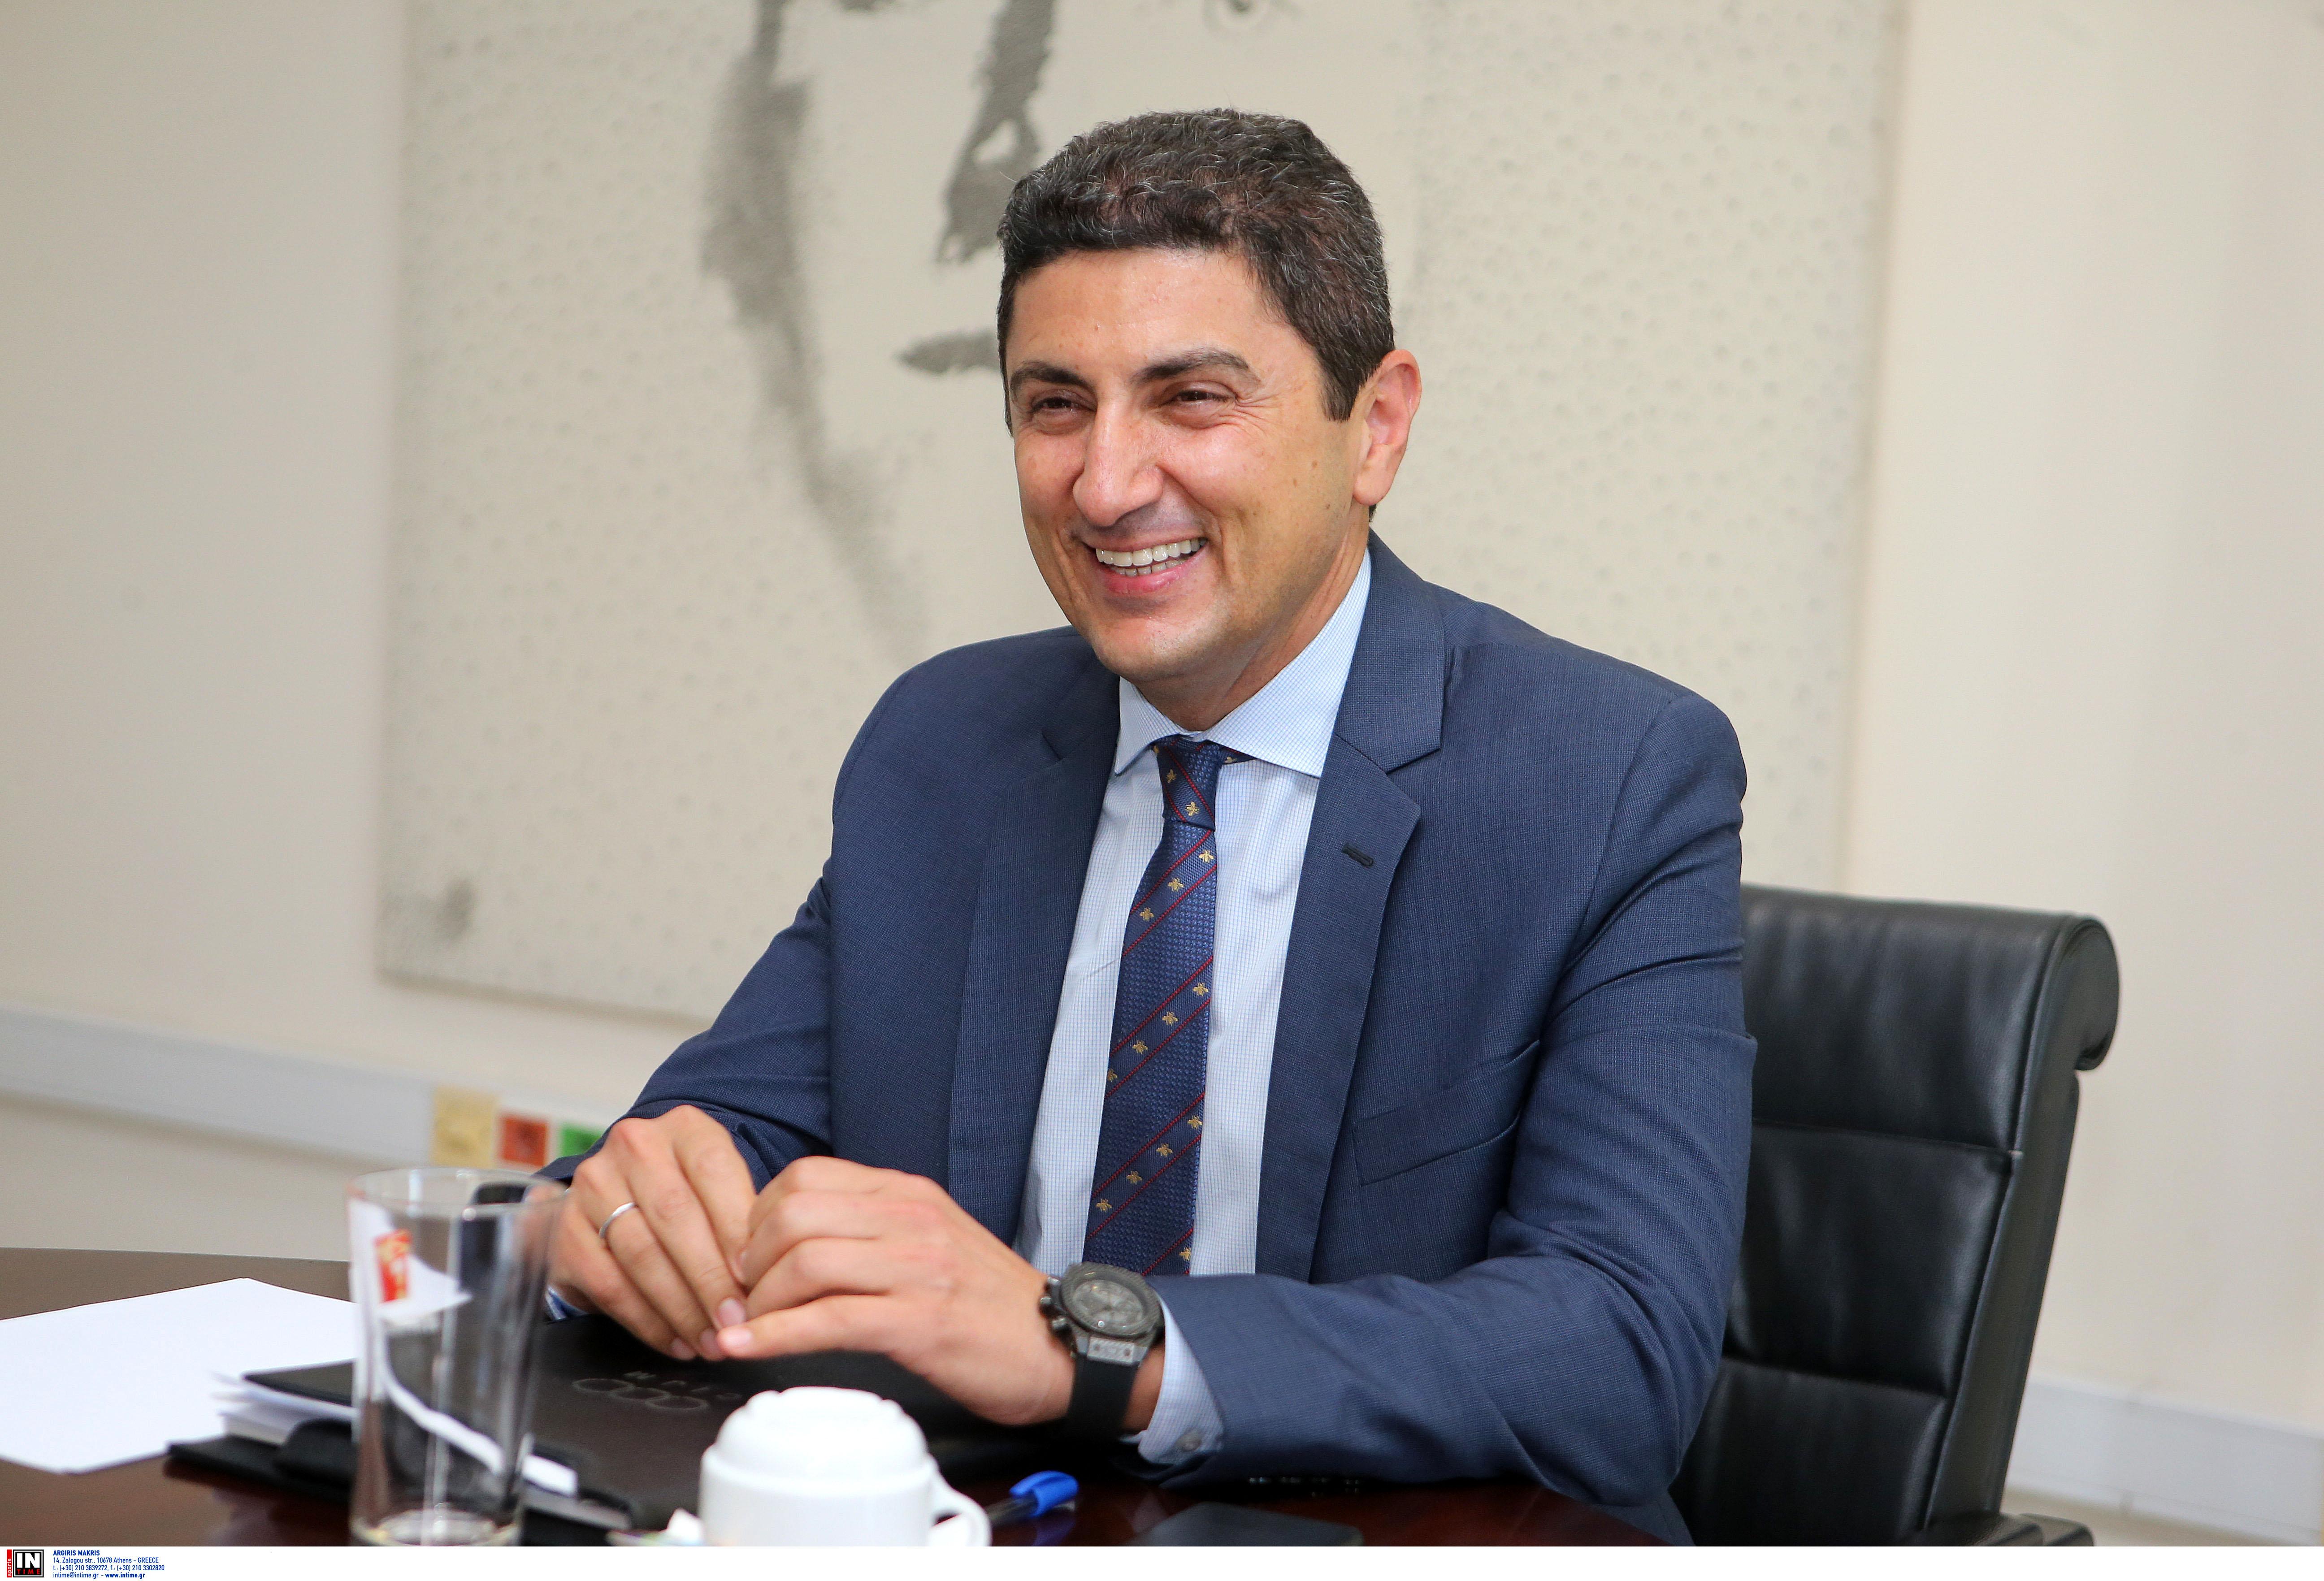 Ο Αυγενάκης προανήγγειλε νέο αθλητικό κέντρο στο Ηράκλειο της Κρήτης